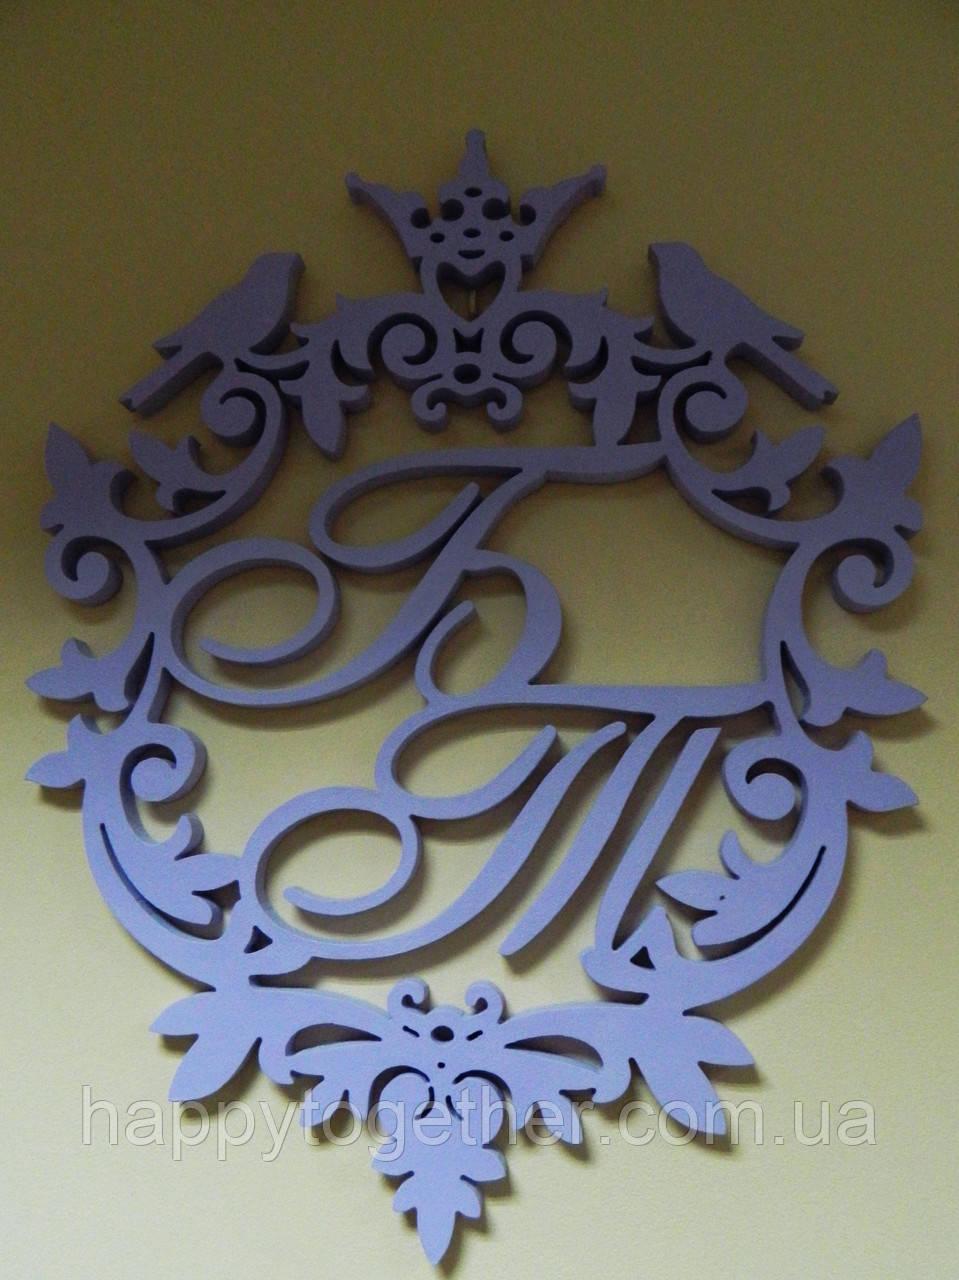 Герб из дерева